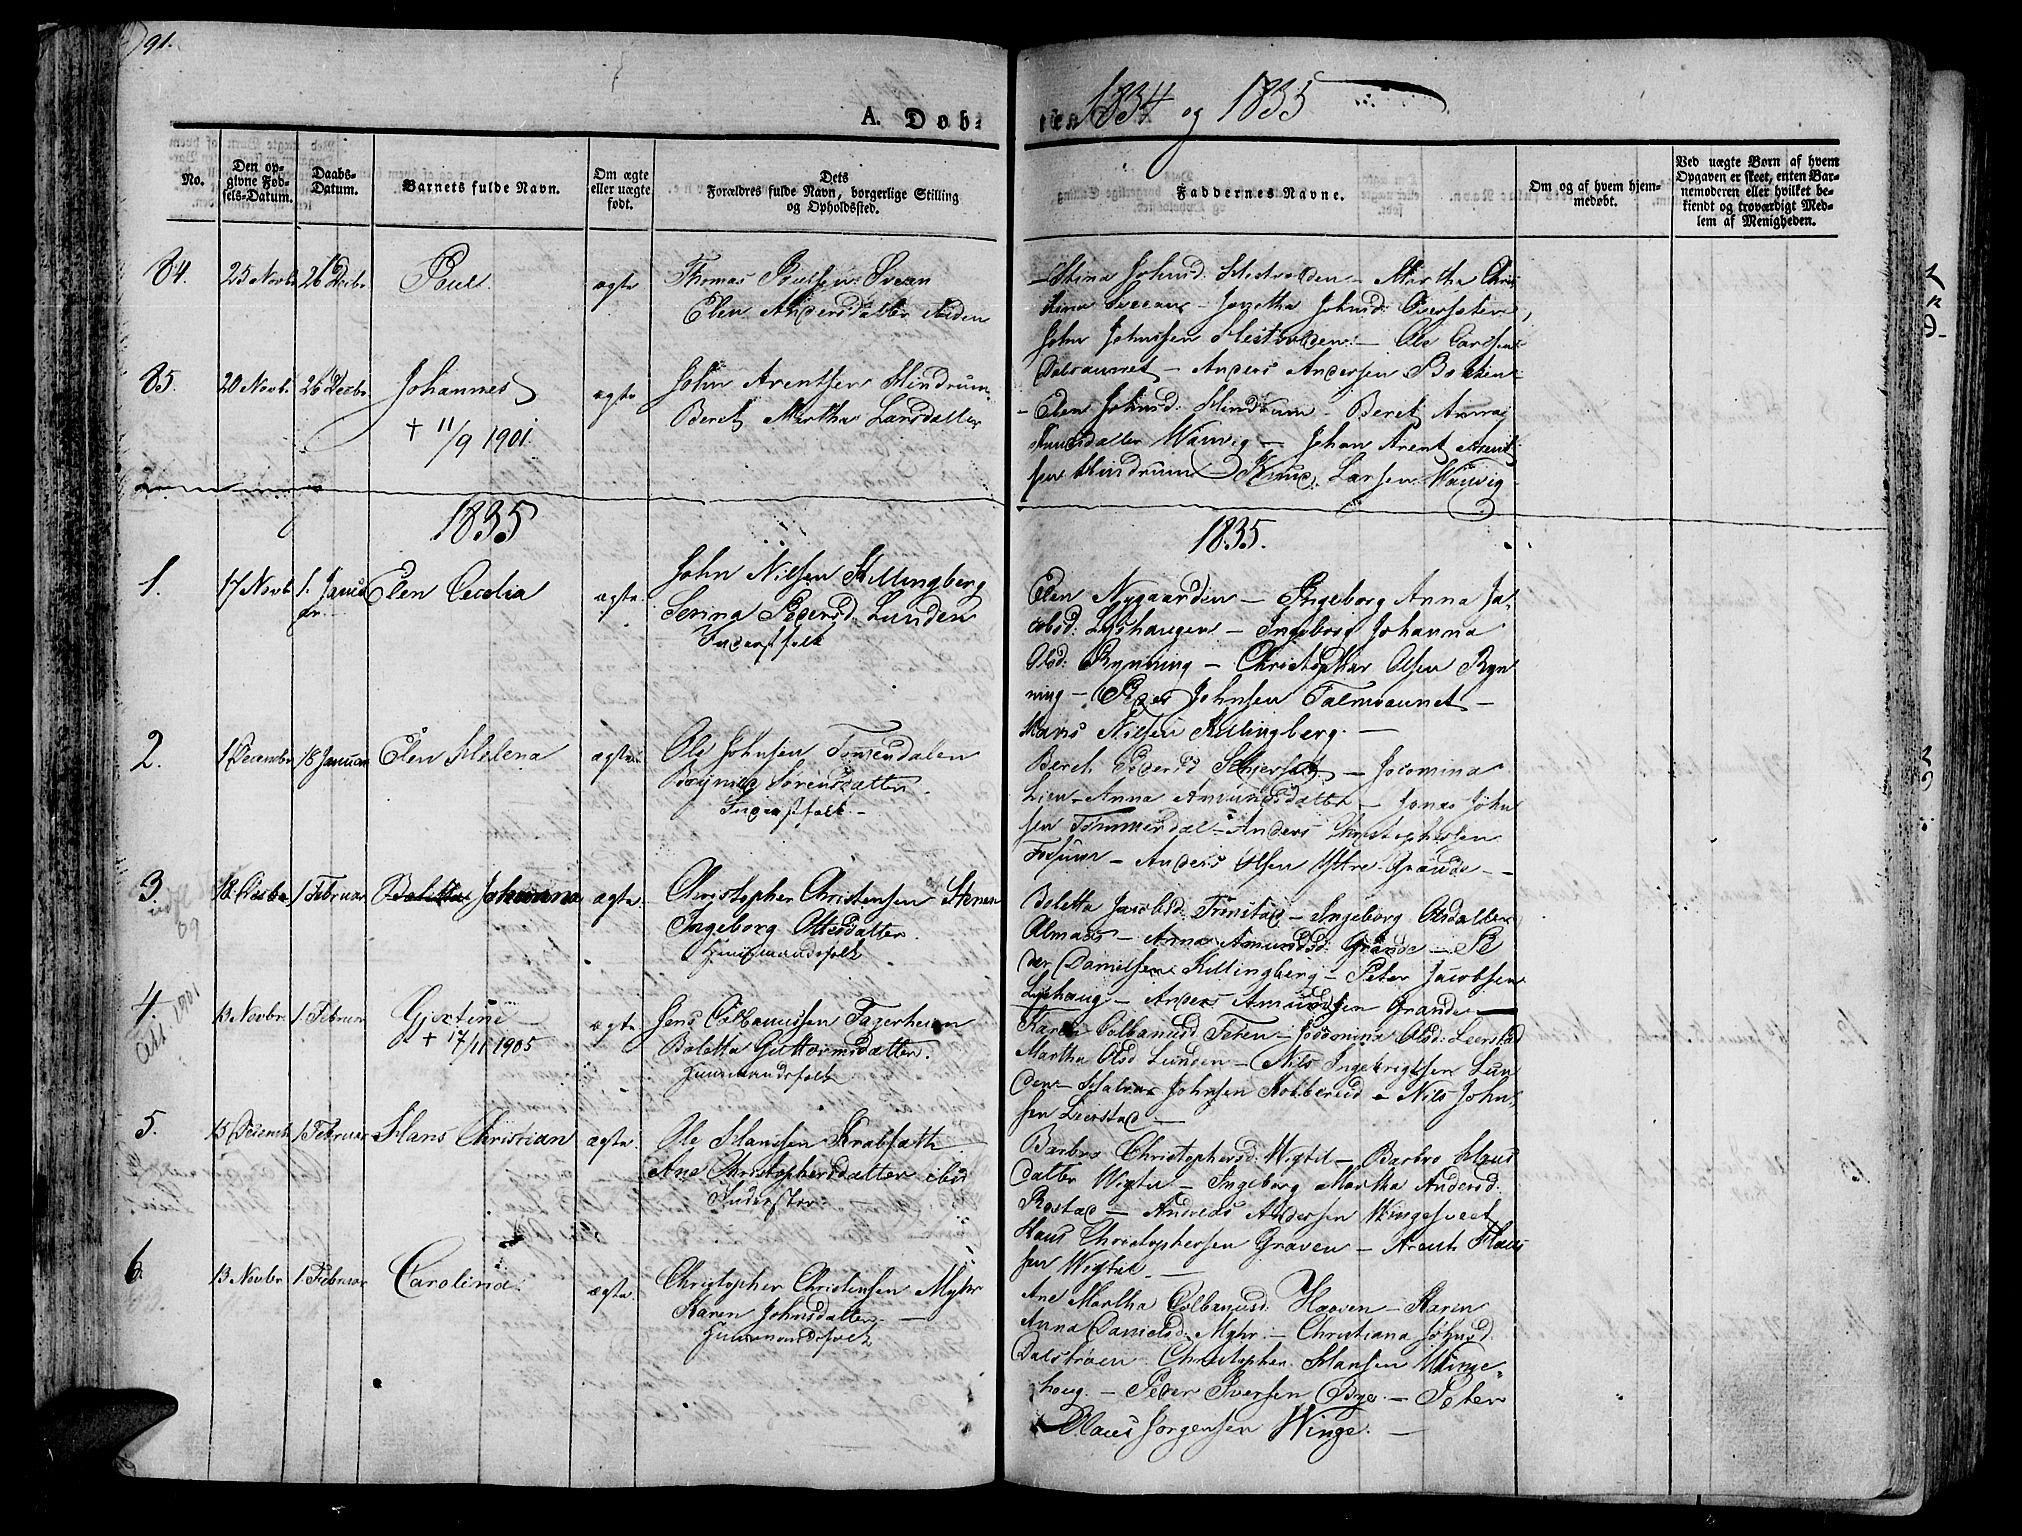 SAT, Ministerialprotokoller, klokkerbøker og fødselsregistre - Nord-Trøndelag, 701/L0006: Ministerialbok nr. 701A06, 1825-1841, s. 91